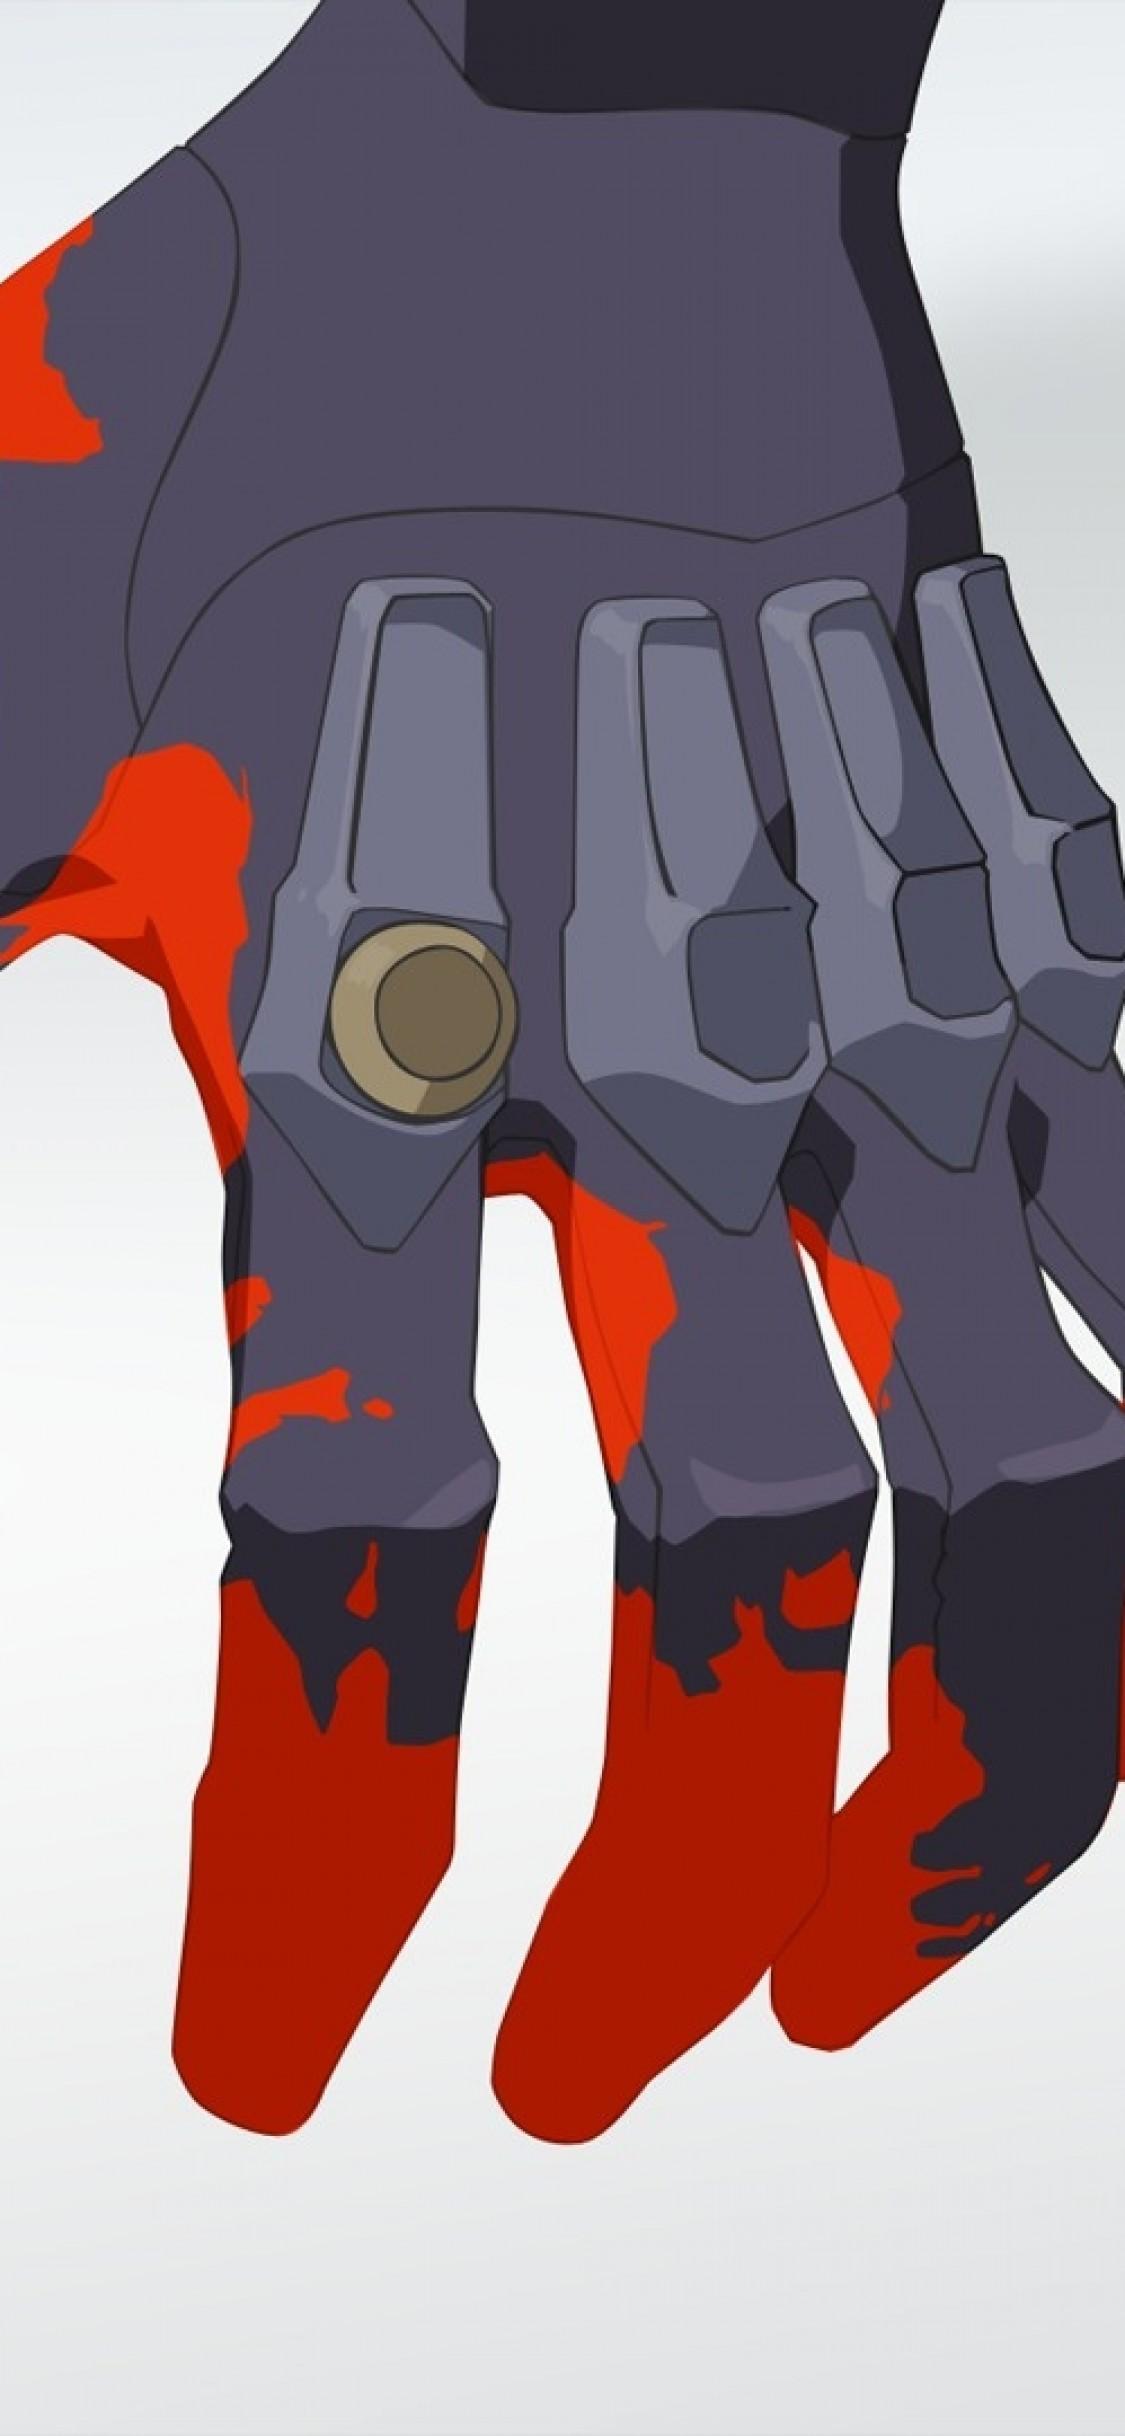 Neon Genesis Evangelion Eva Unit 01 Hand Fingers Neon Genesis Evangelion Unit 02 Hand 1125x2436 Wallpaper Teahub Io